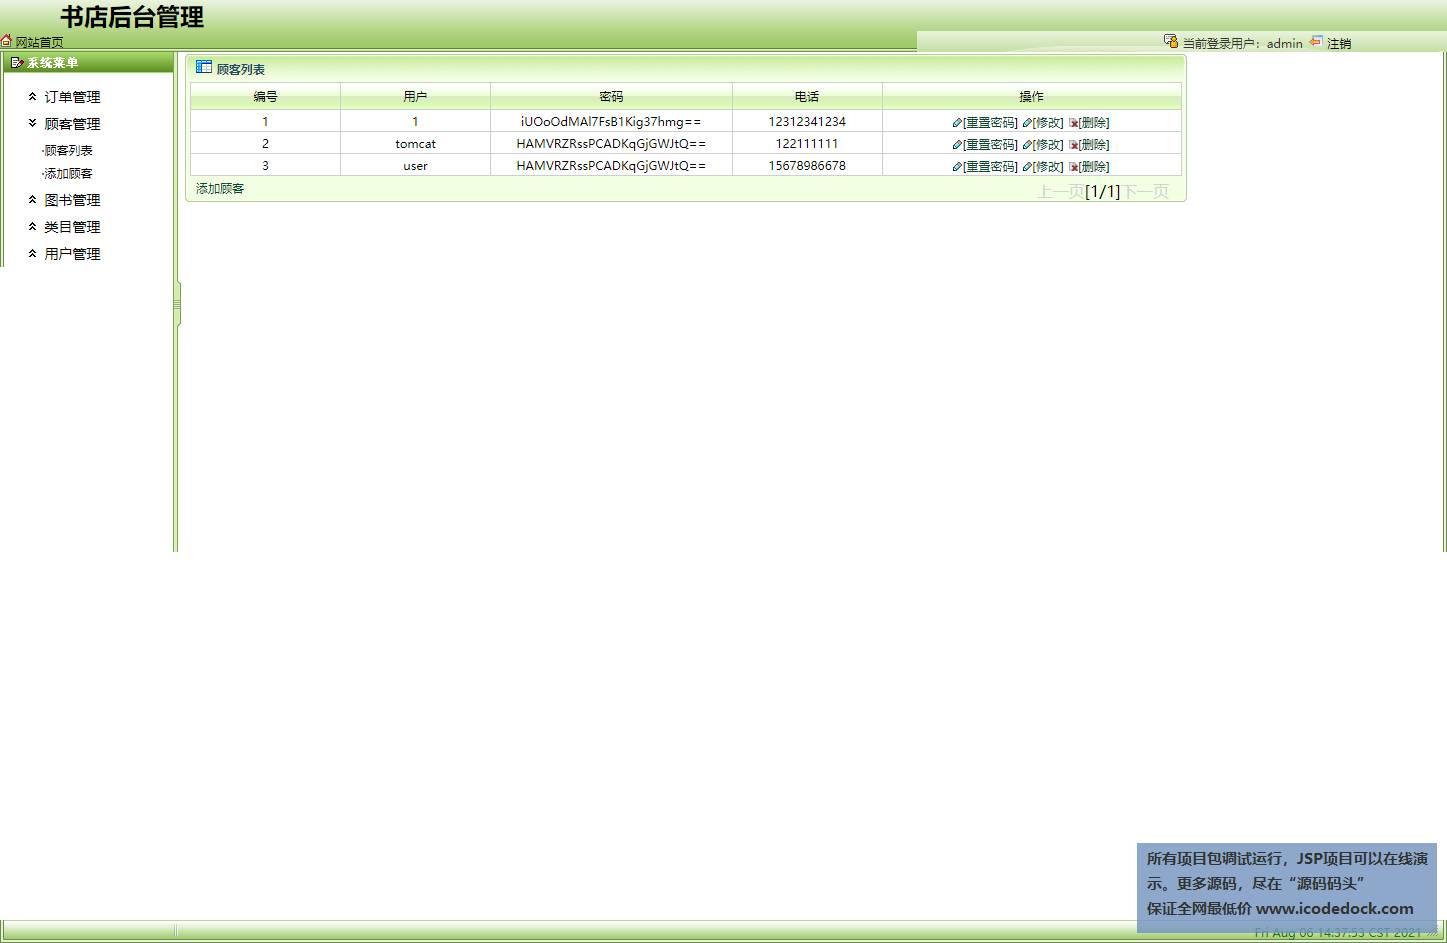 源码码头-SSH实现一个图书销售商场项目网站-管理员角色-顾客管理